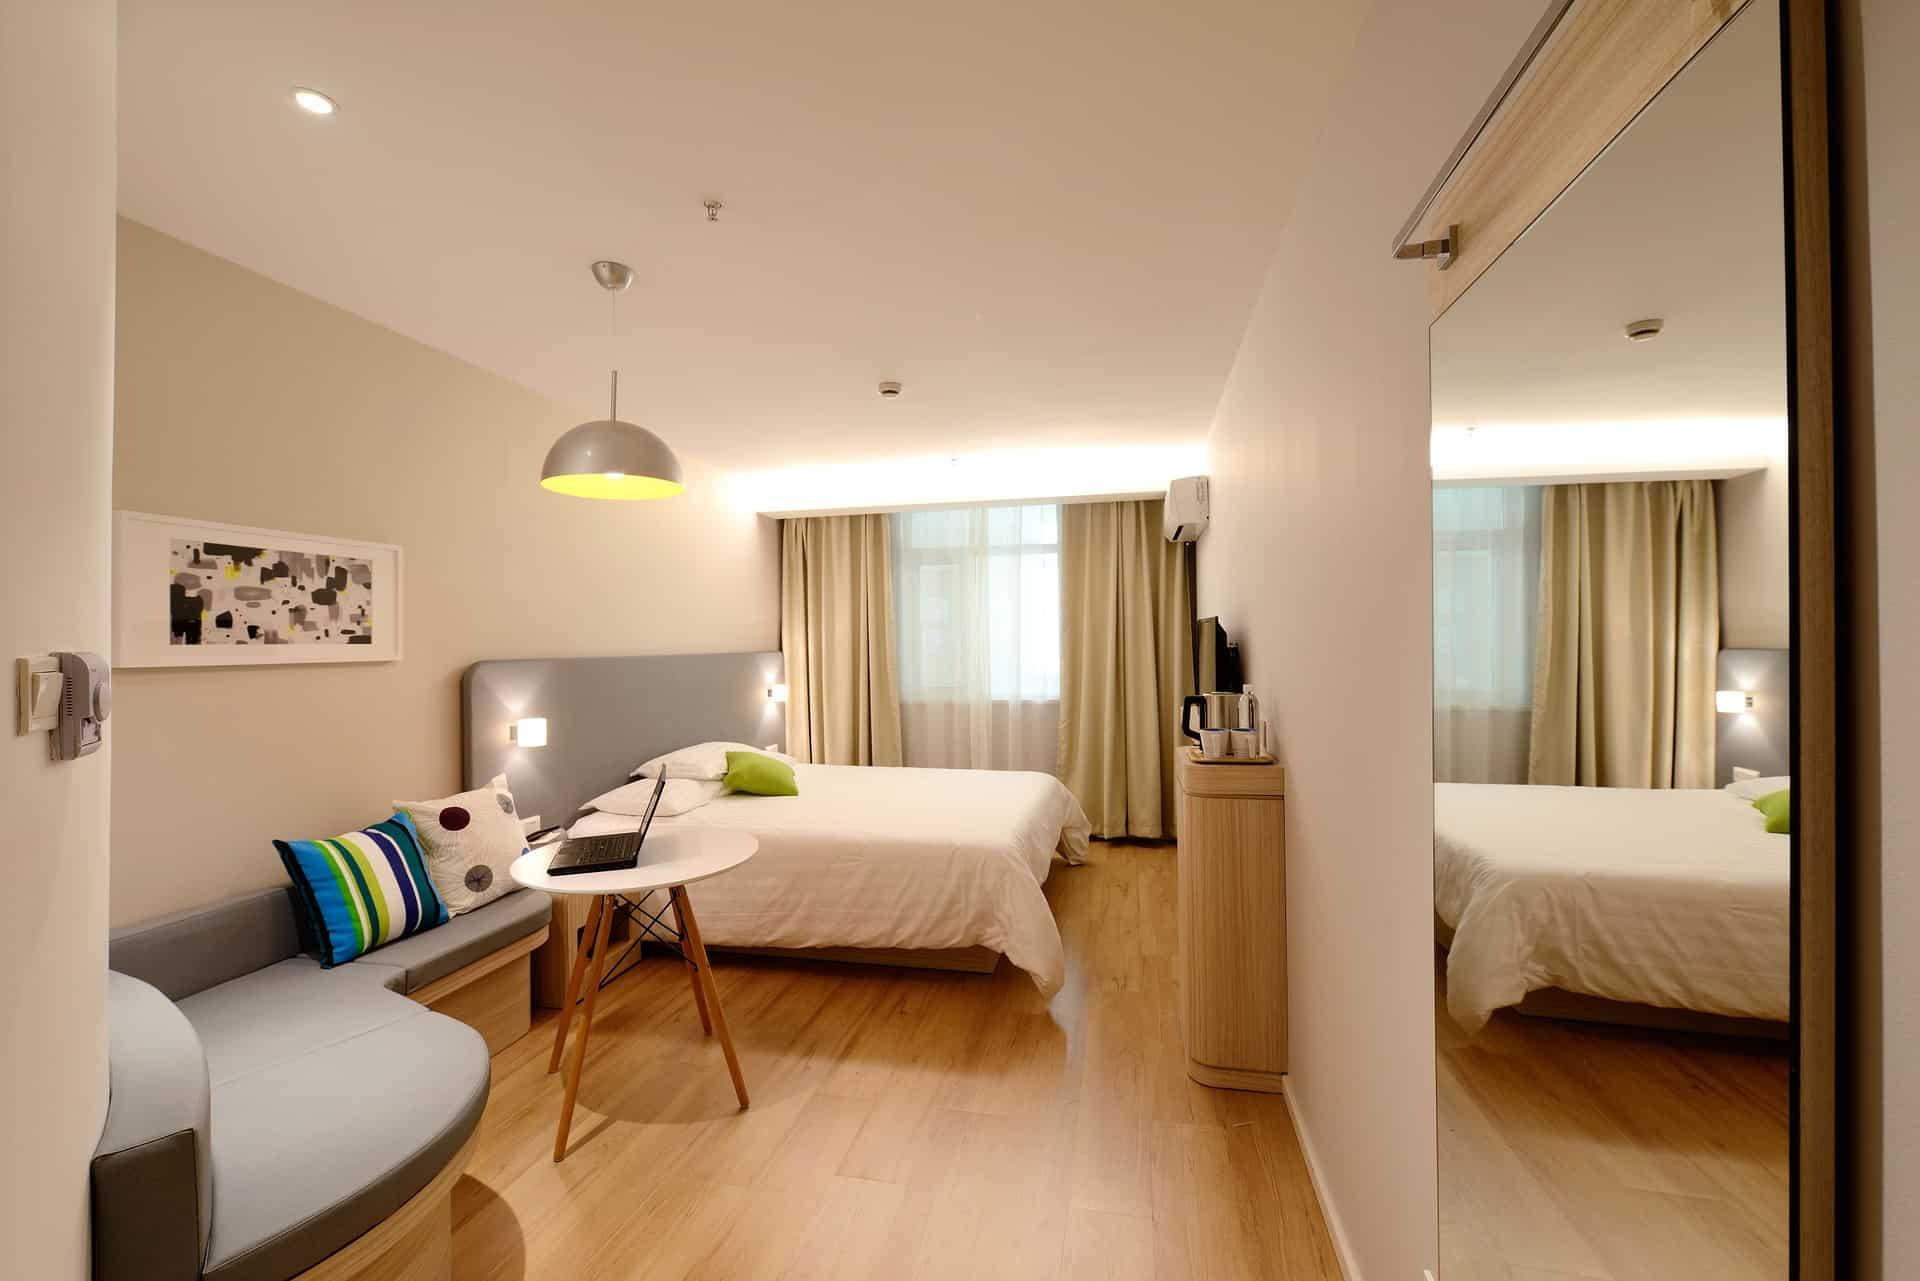 Die größten Rabatte gibt es auf luxoriöse Hotels bei, Flash Sale